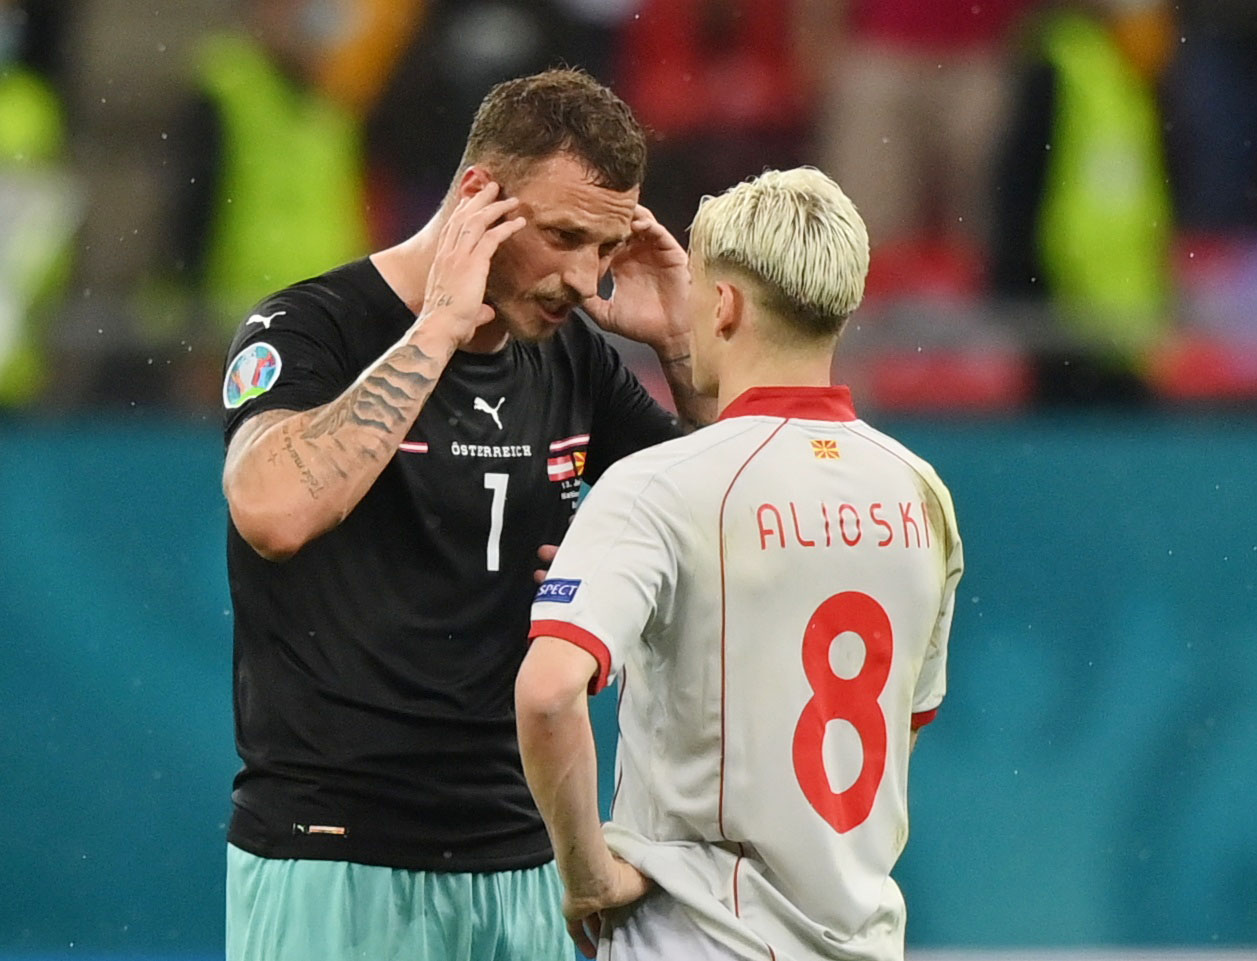 H χυδαία βρισιά του Αρναούτοβιτς σε παίκτη της Βόρειας Μακεδονίας: «Γ@@@ τη μάνα σου την Αλβανίδα»